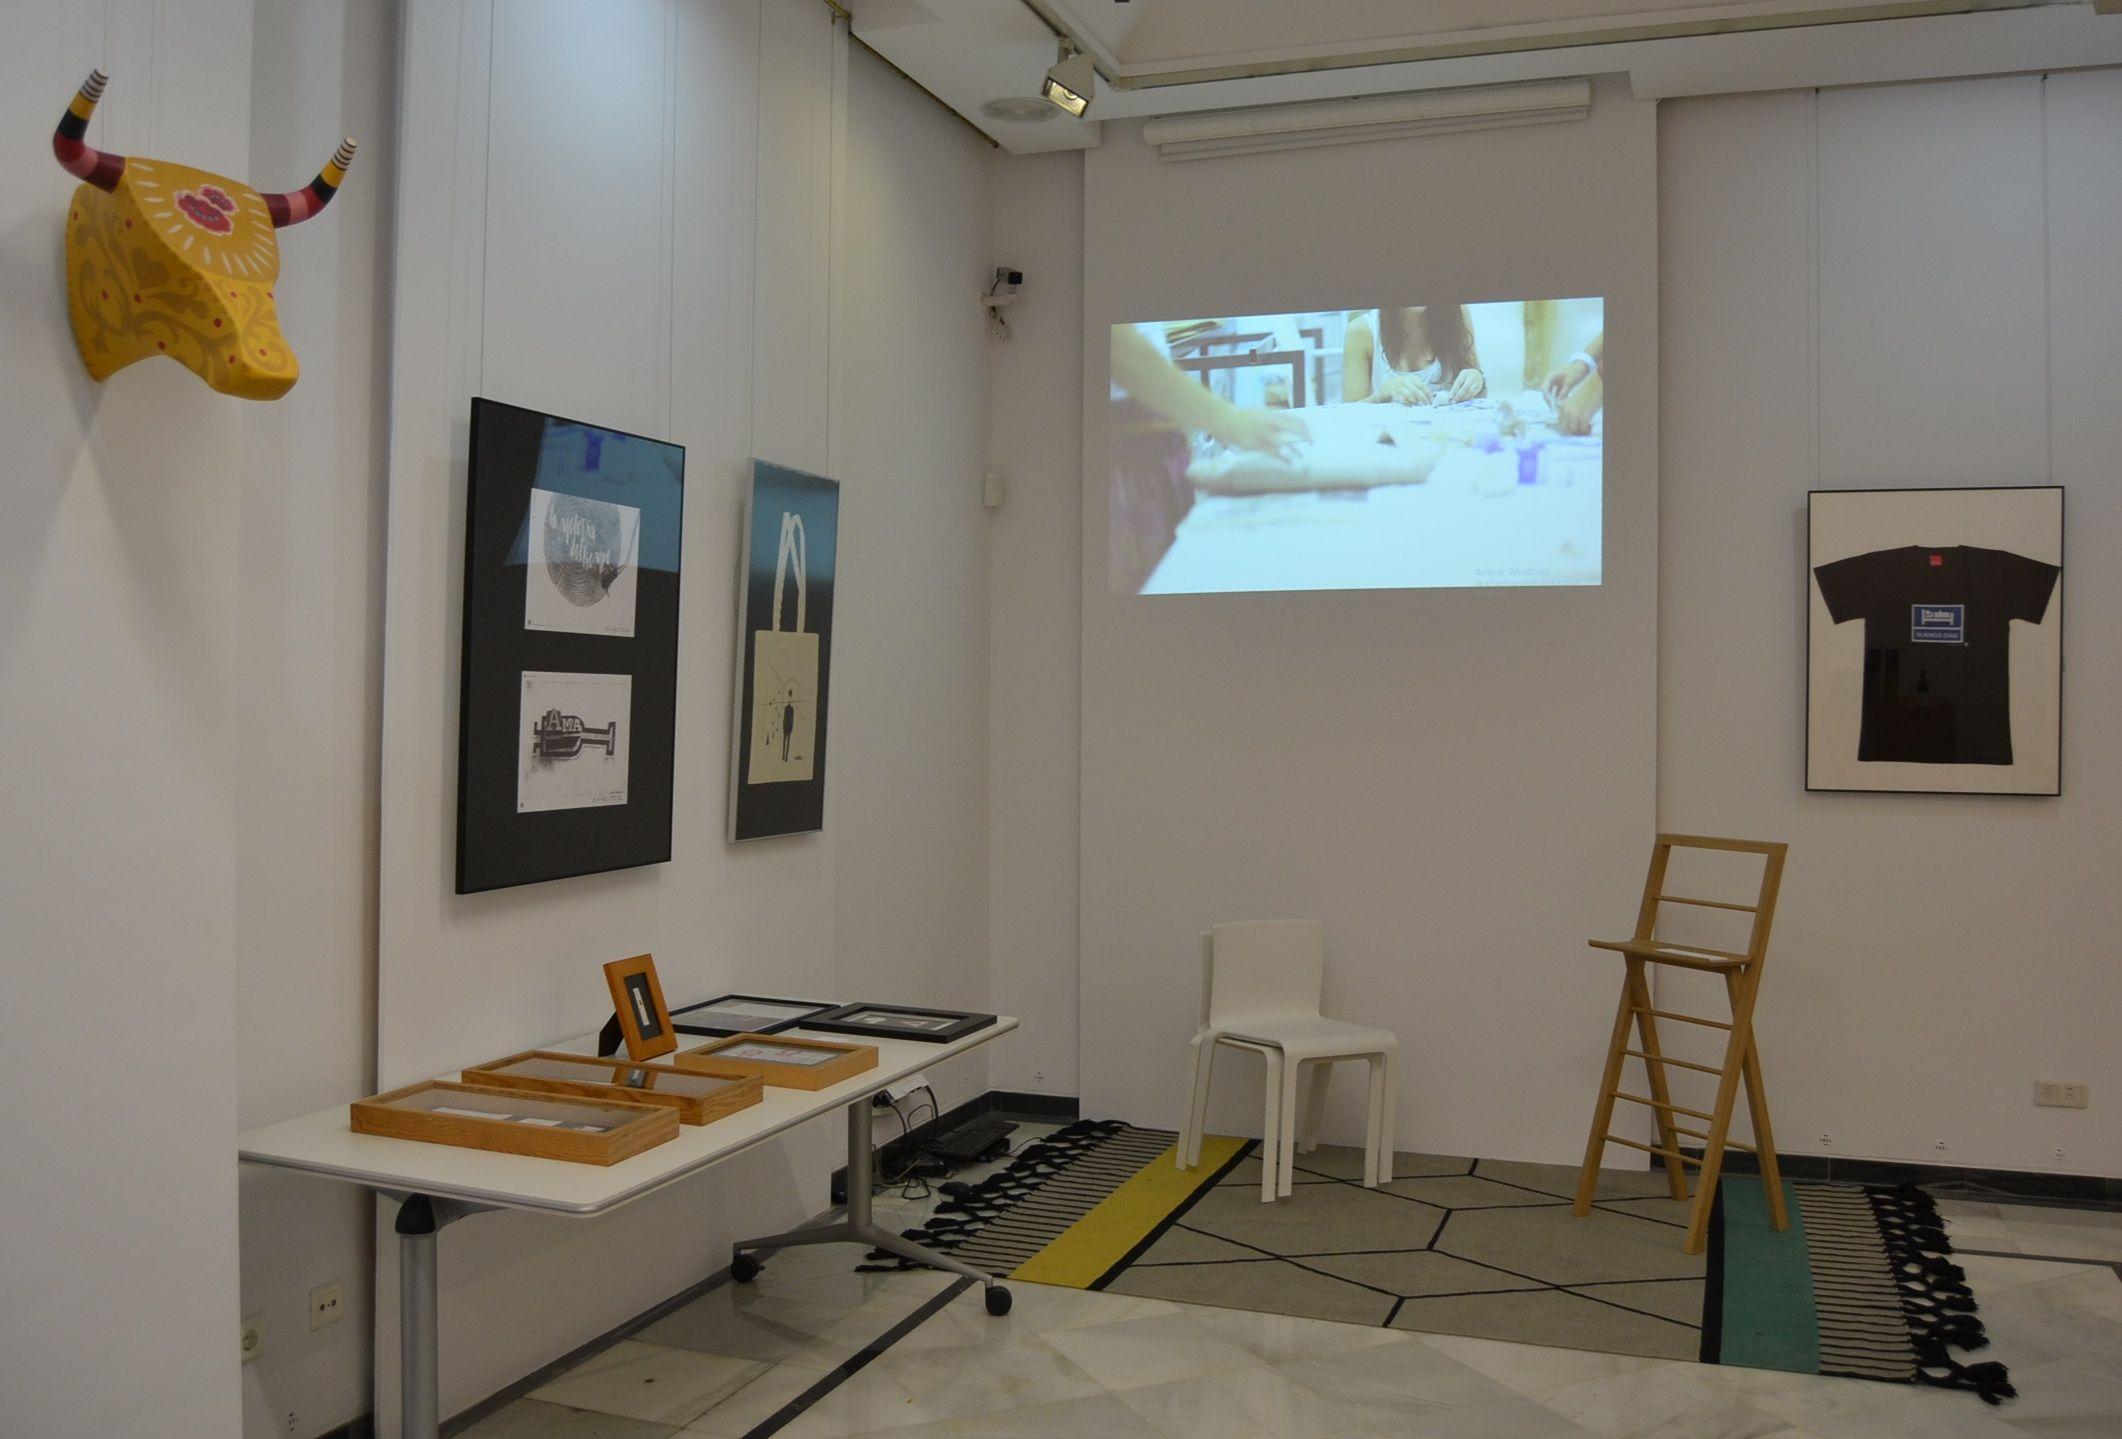 """Exposición Design Works 2016 """"El Diseño funciona"""", en el Palacio de Colomina CEU de Valencia."""